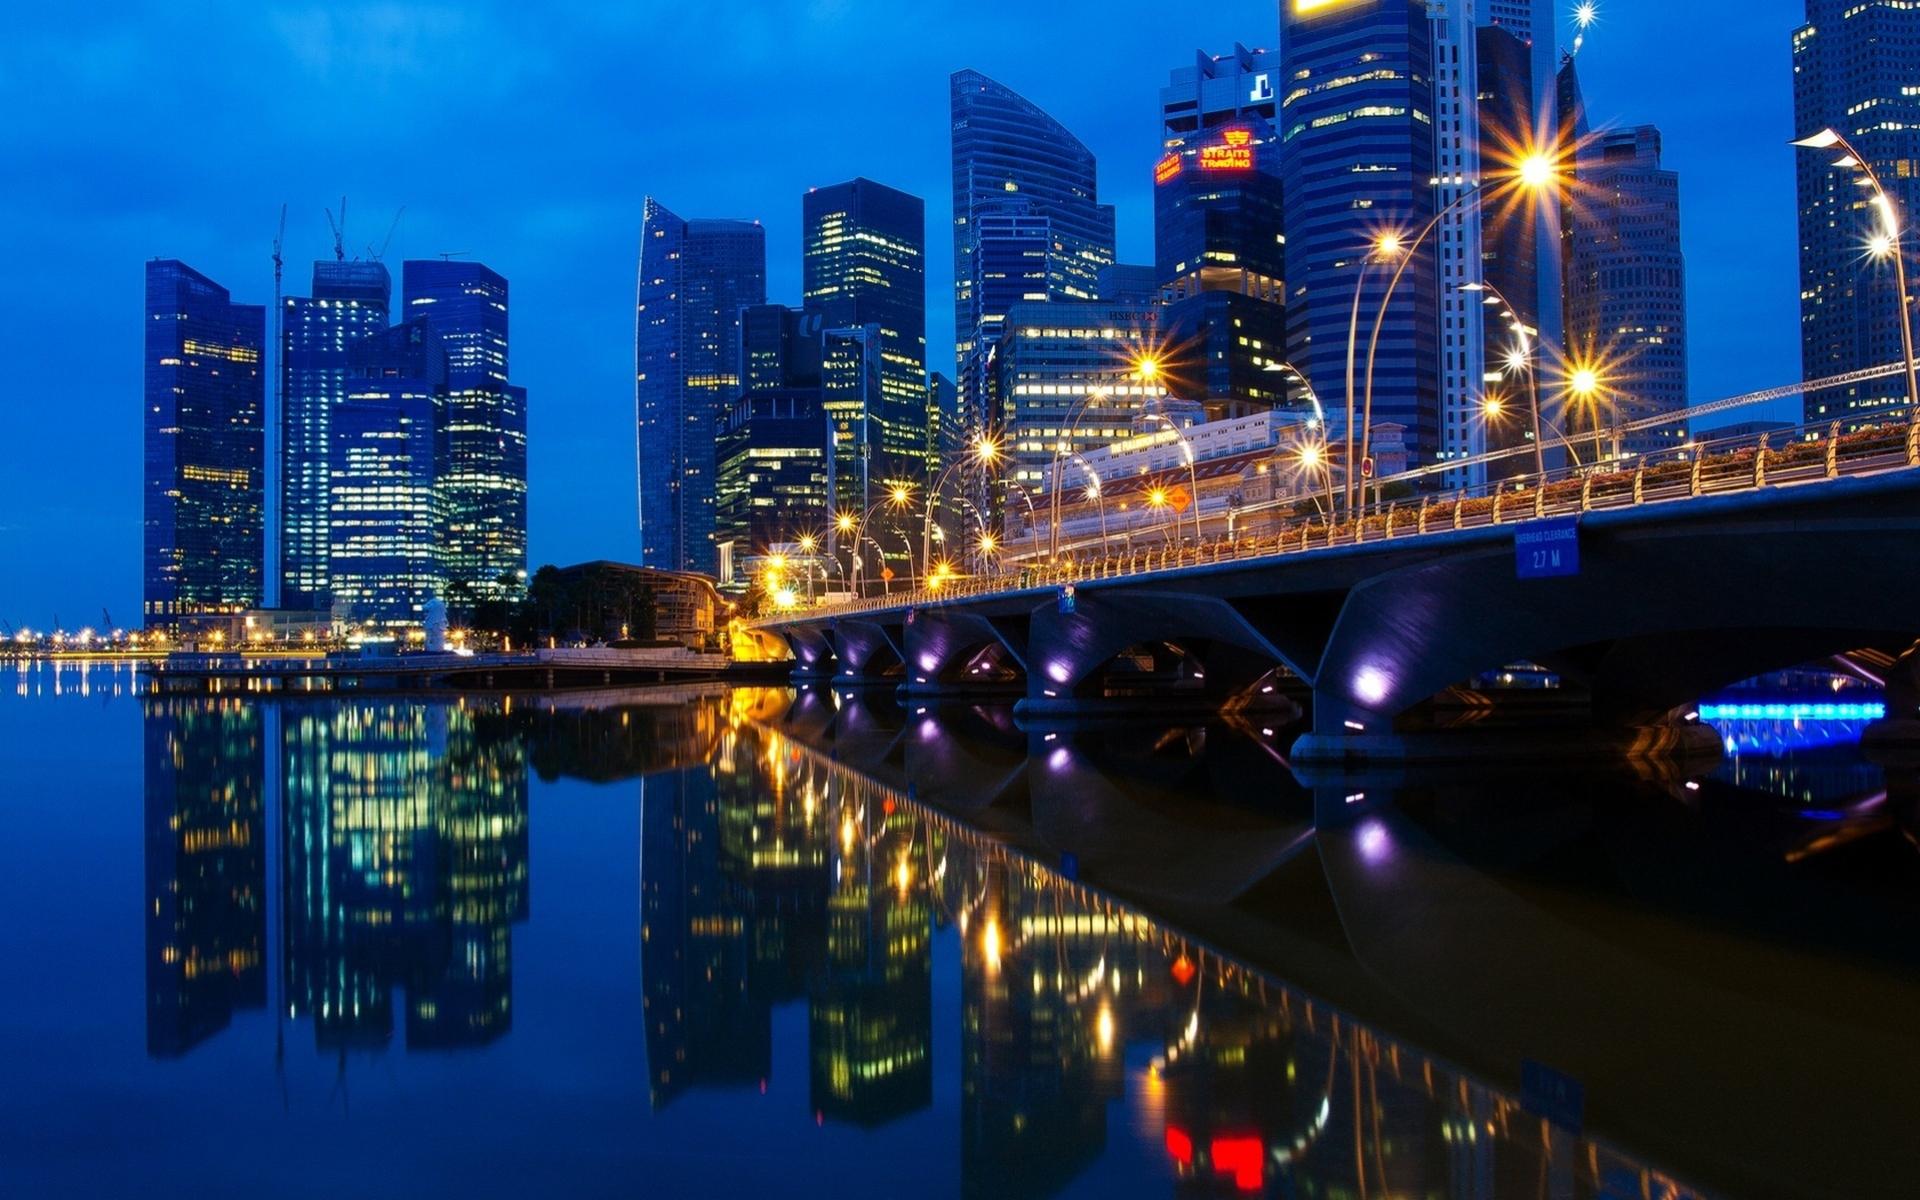 работы фотографом красивые картинки ночного города на рабочий помним